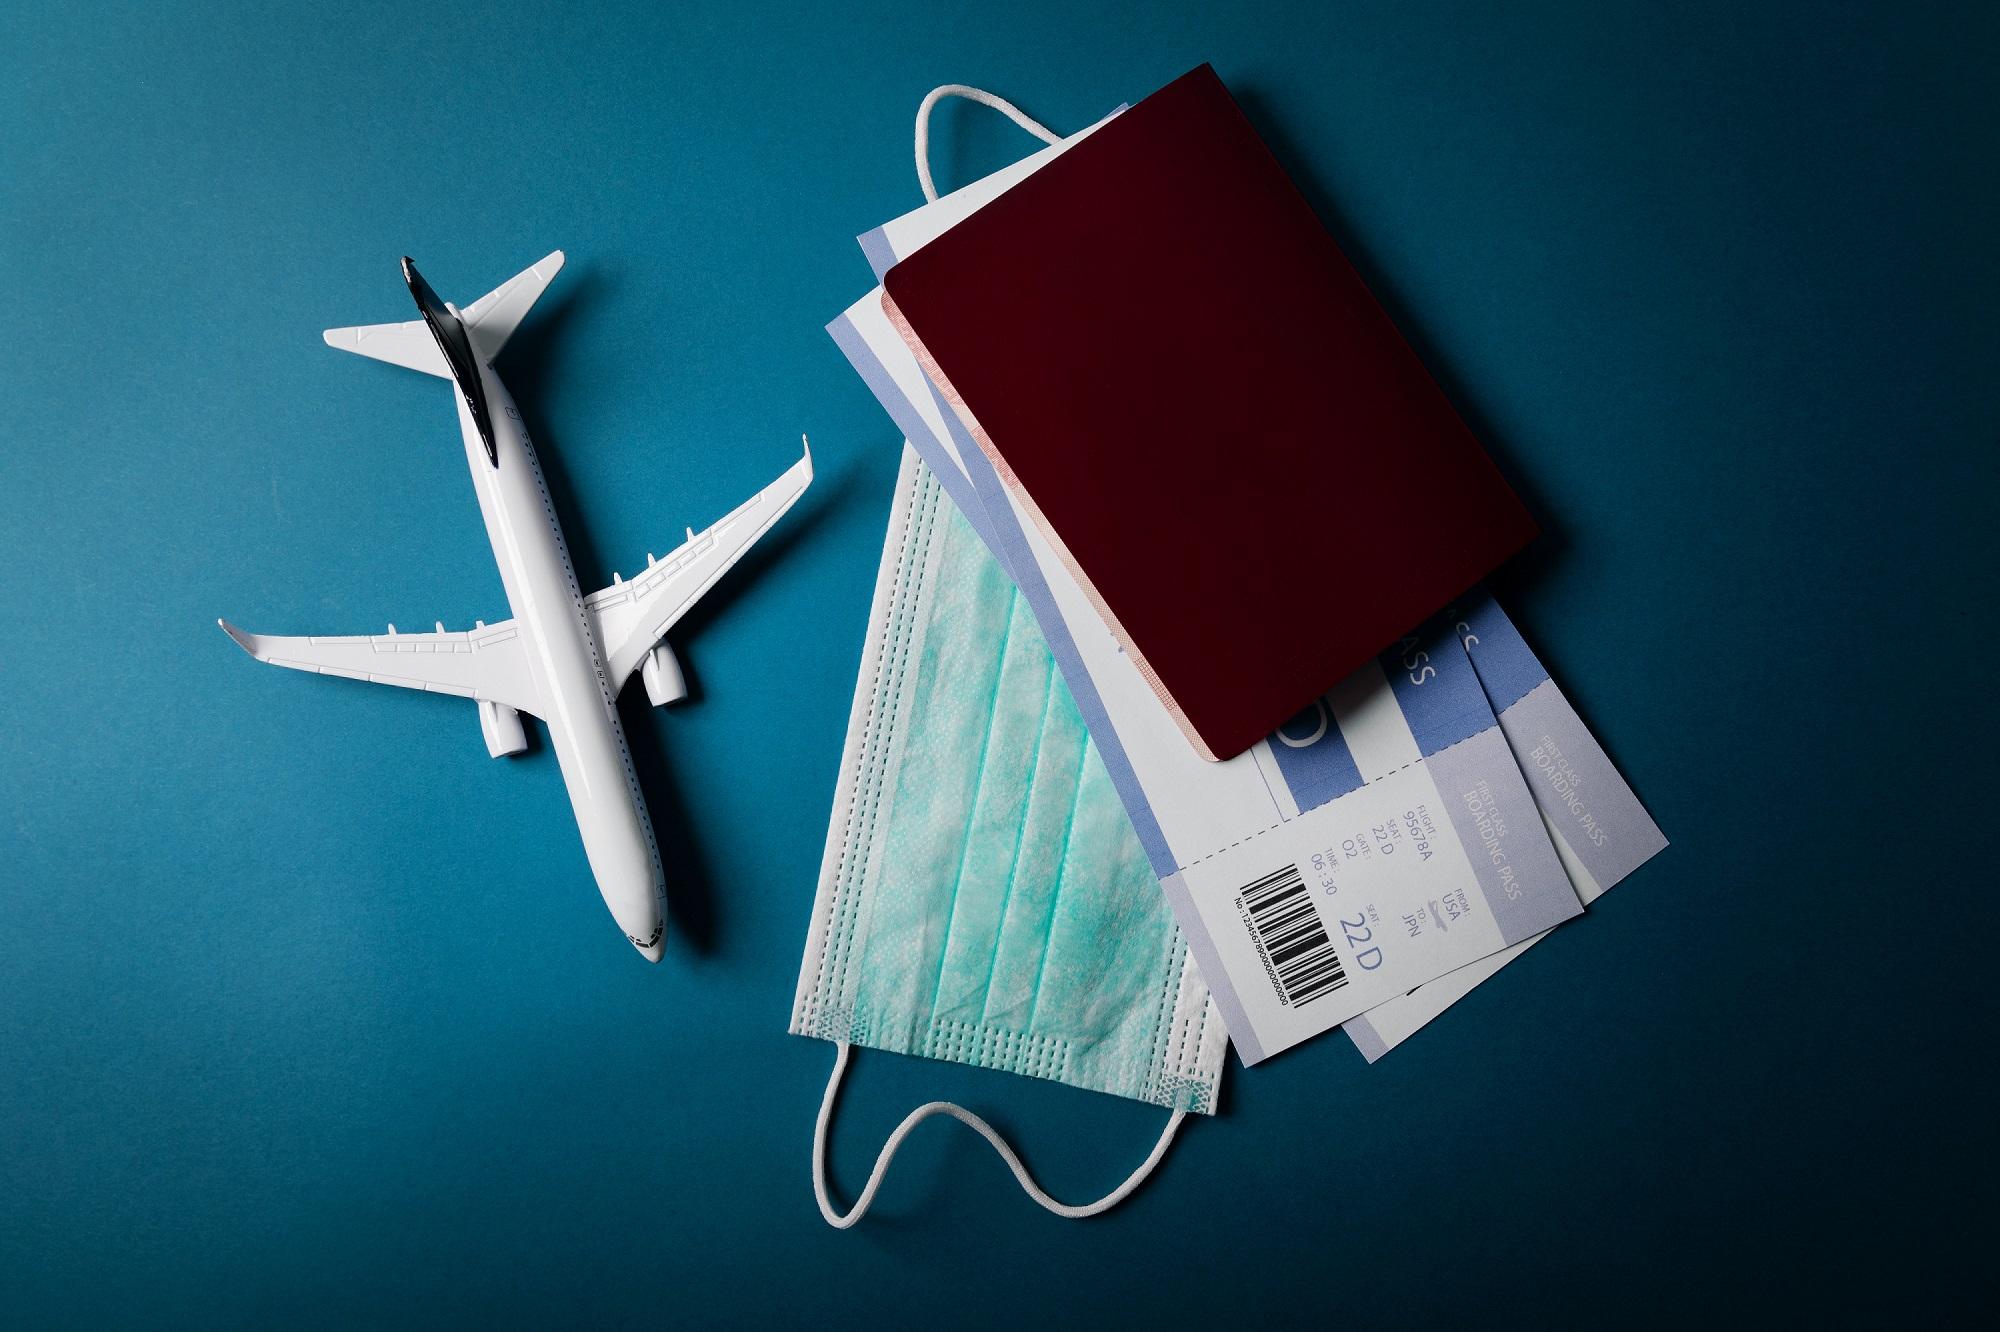 Zu sehen ist ein Miniaturflugzeug, welches neben einem Reisepass, zwei Flugtickets und einem Mund-Nasen-Schutz liegt.